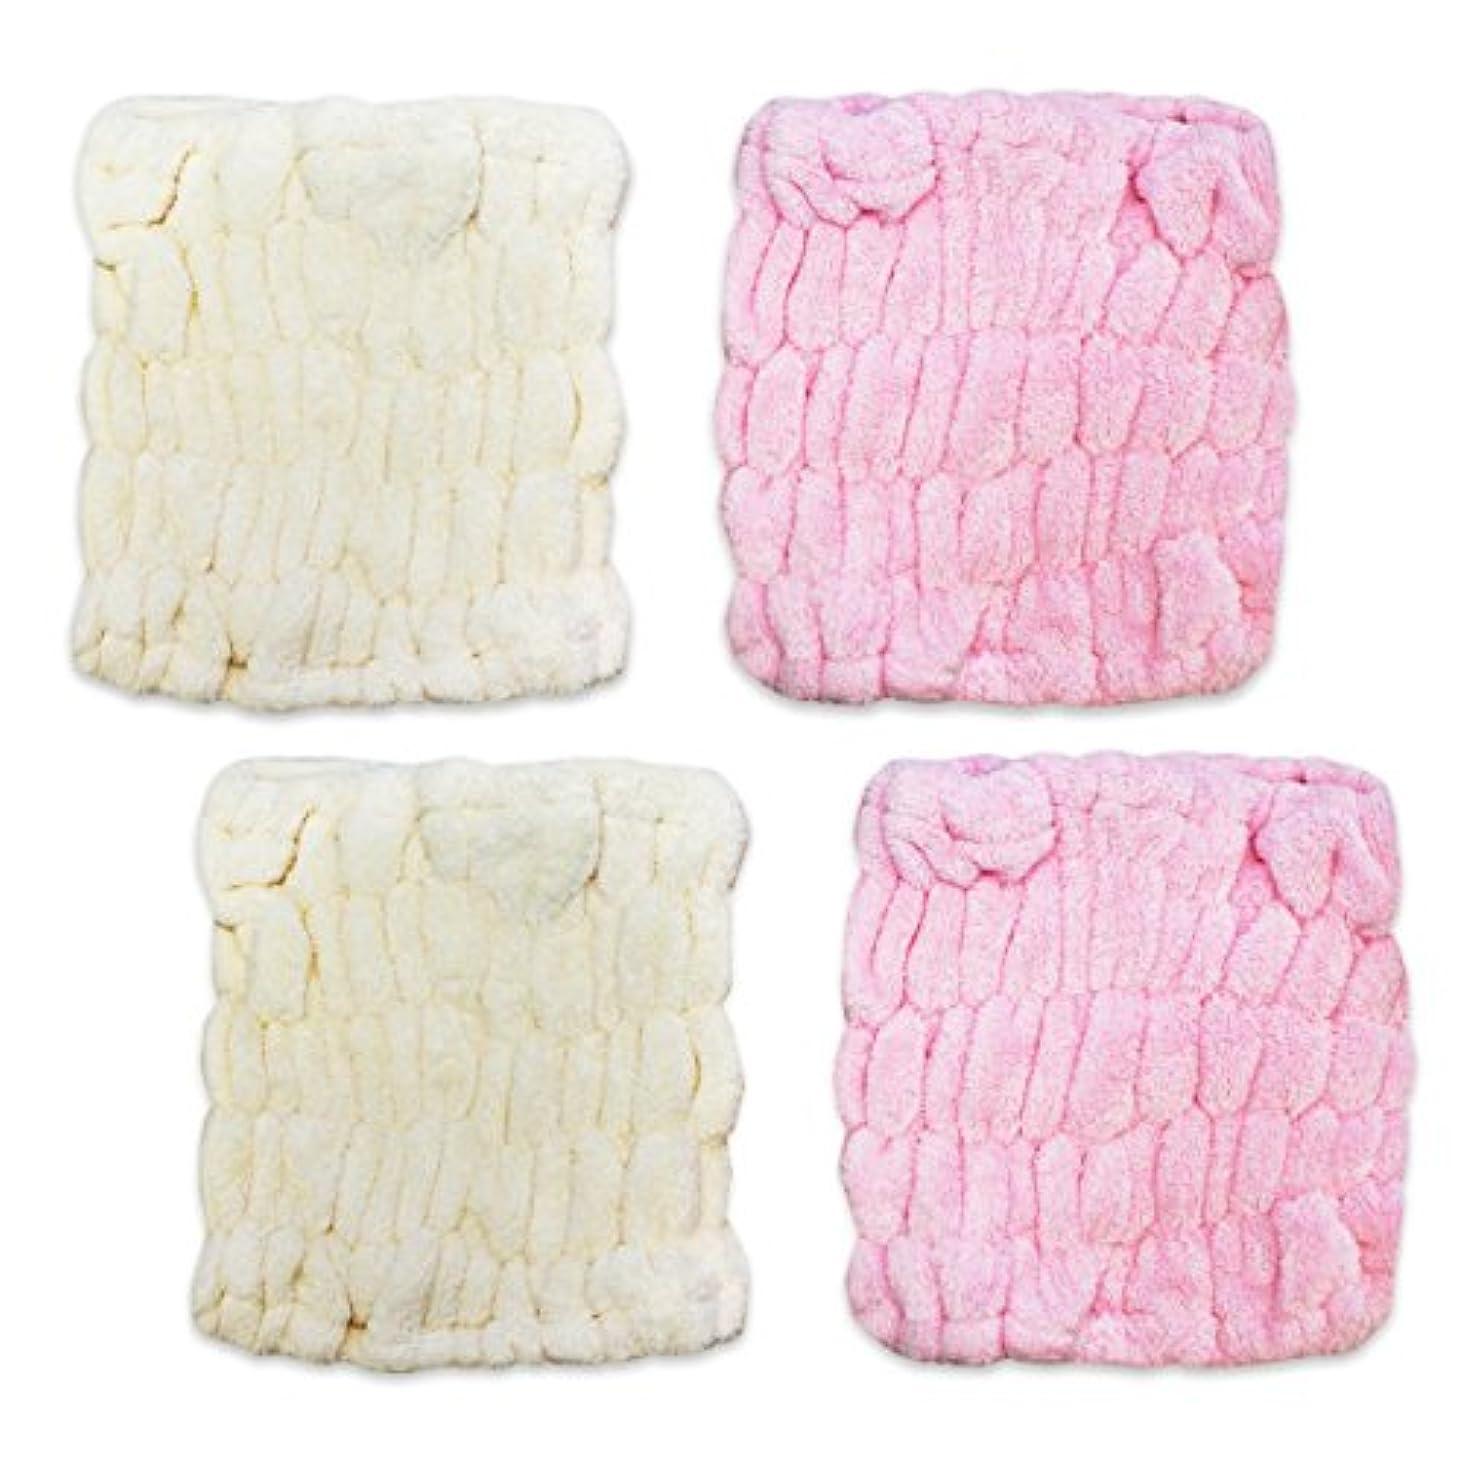 実験室制裁一杯ふんわり 柔らか マイクロ ファイバー 吸水 ヘアターバン 2色 4枚組(ピンク&アイボリー)